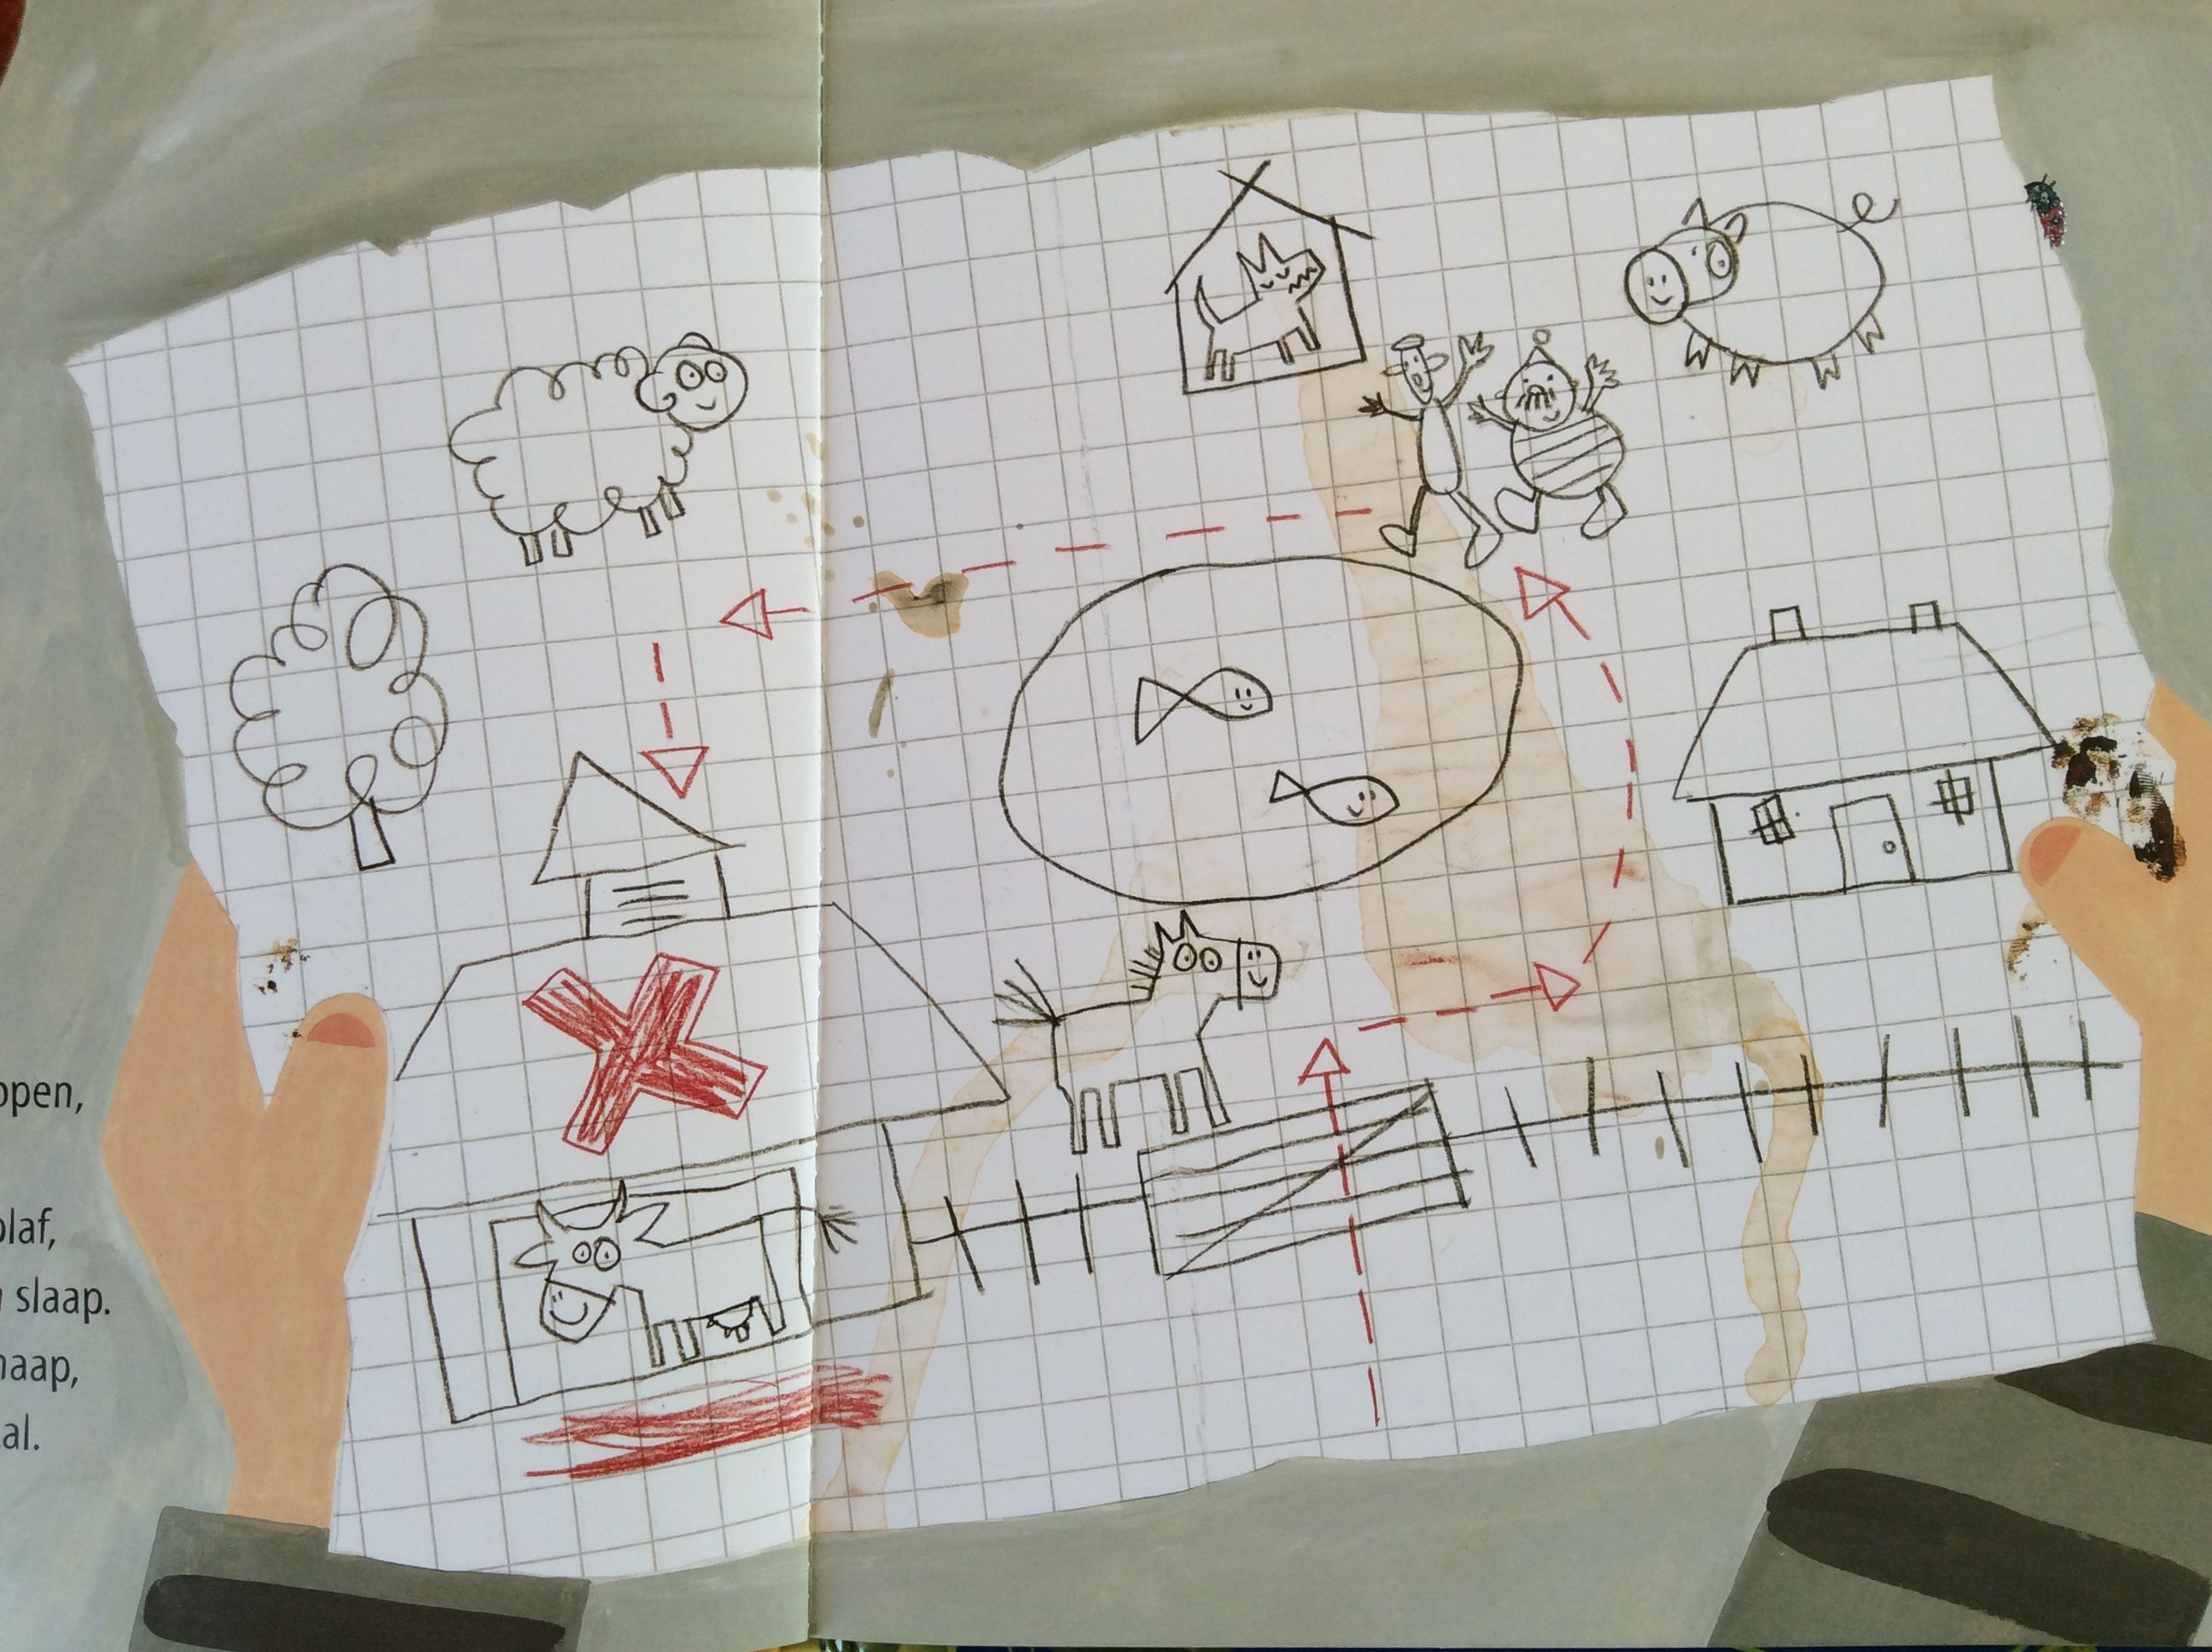 Zelf ook een plattegrond tekenen: hoe maken we van de klas een boerderij? Of hoe richten we de boerderijhoek in?